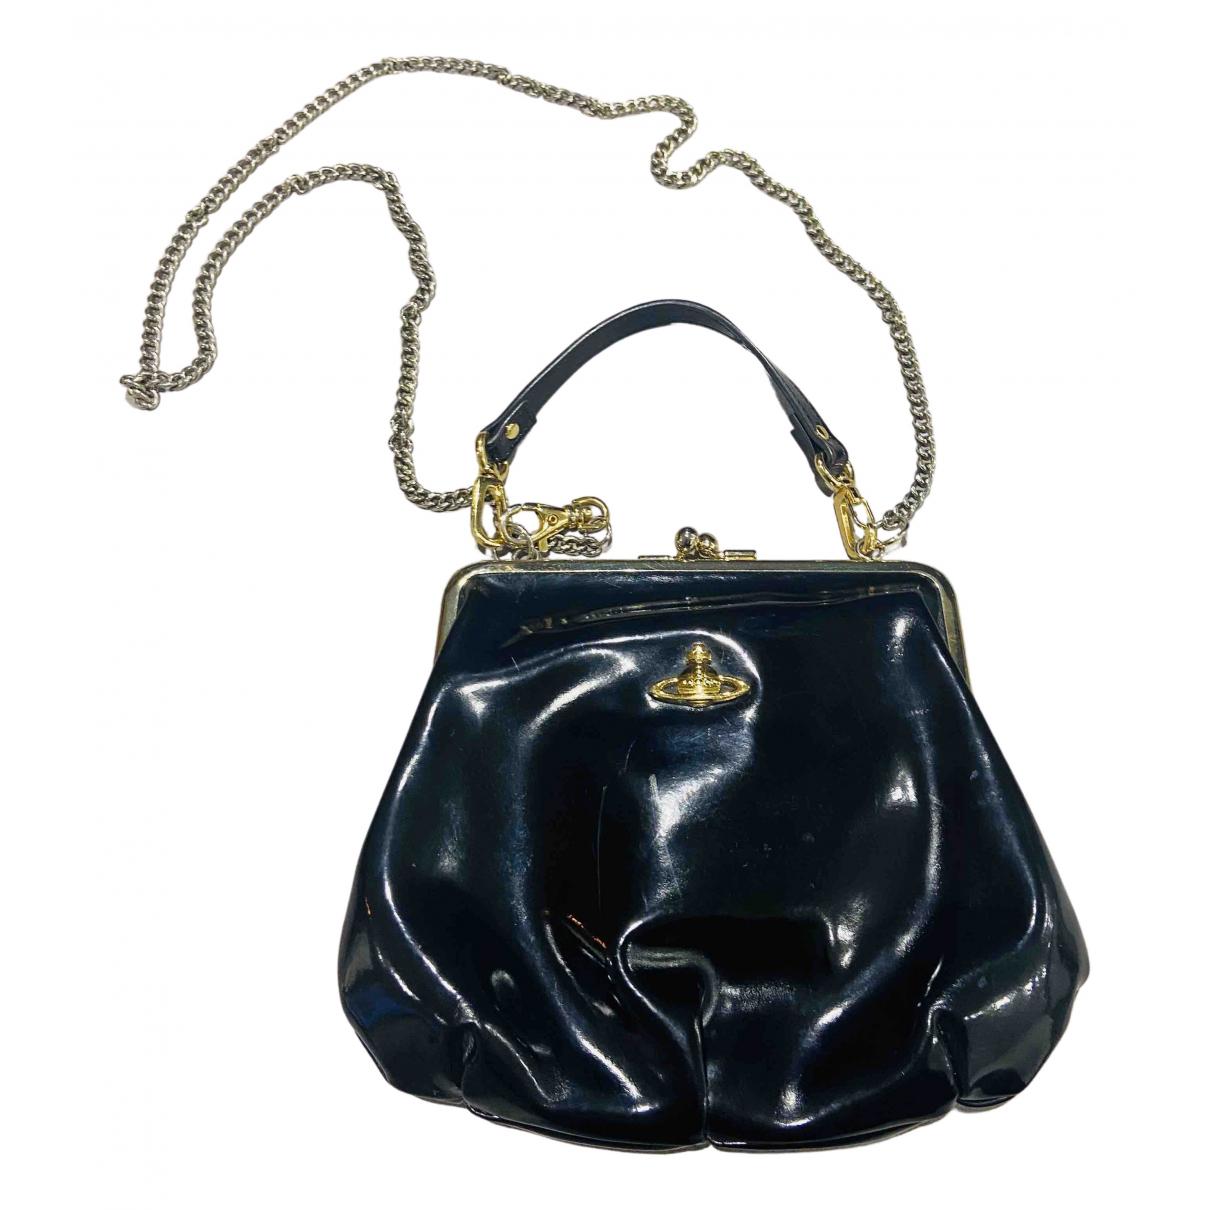 Vivienne Westwood - Sac a main   pour femme en cuir verni - noir